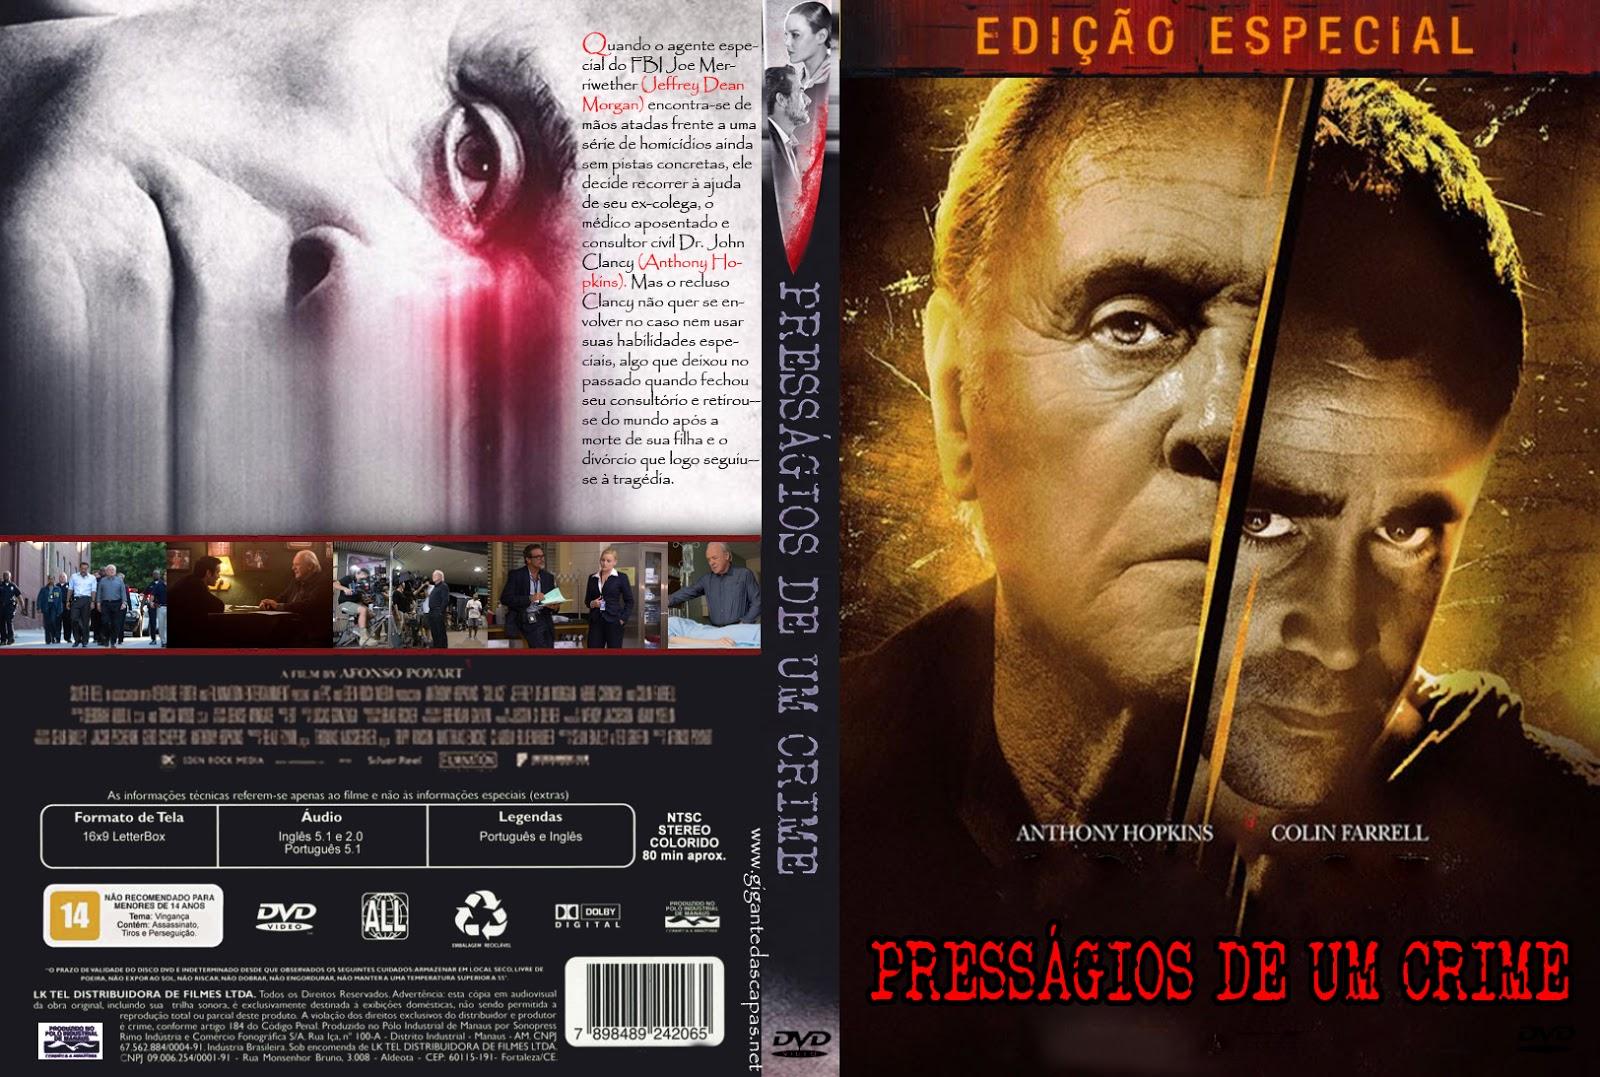 Download Presságios de Um Crime DVD-R Press 25C3 25A1gios 2Bde 2BUm 2BCrime 2B 25282016 2529